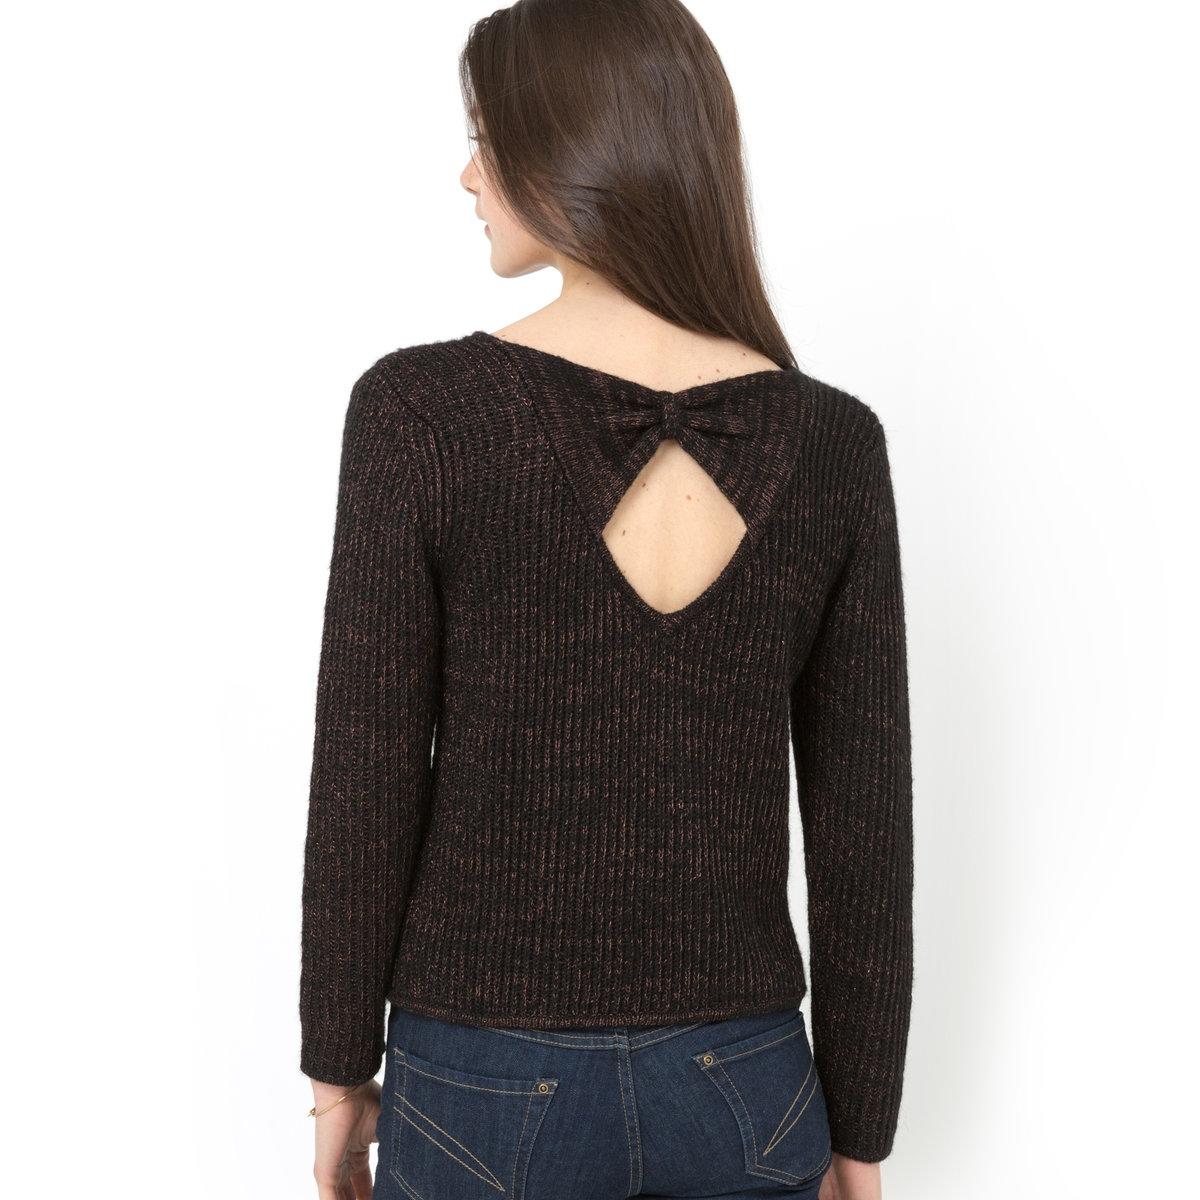 Пуловер из трикотажа с блеском, бант сзади